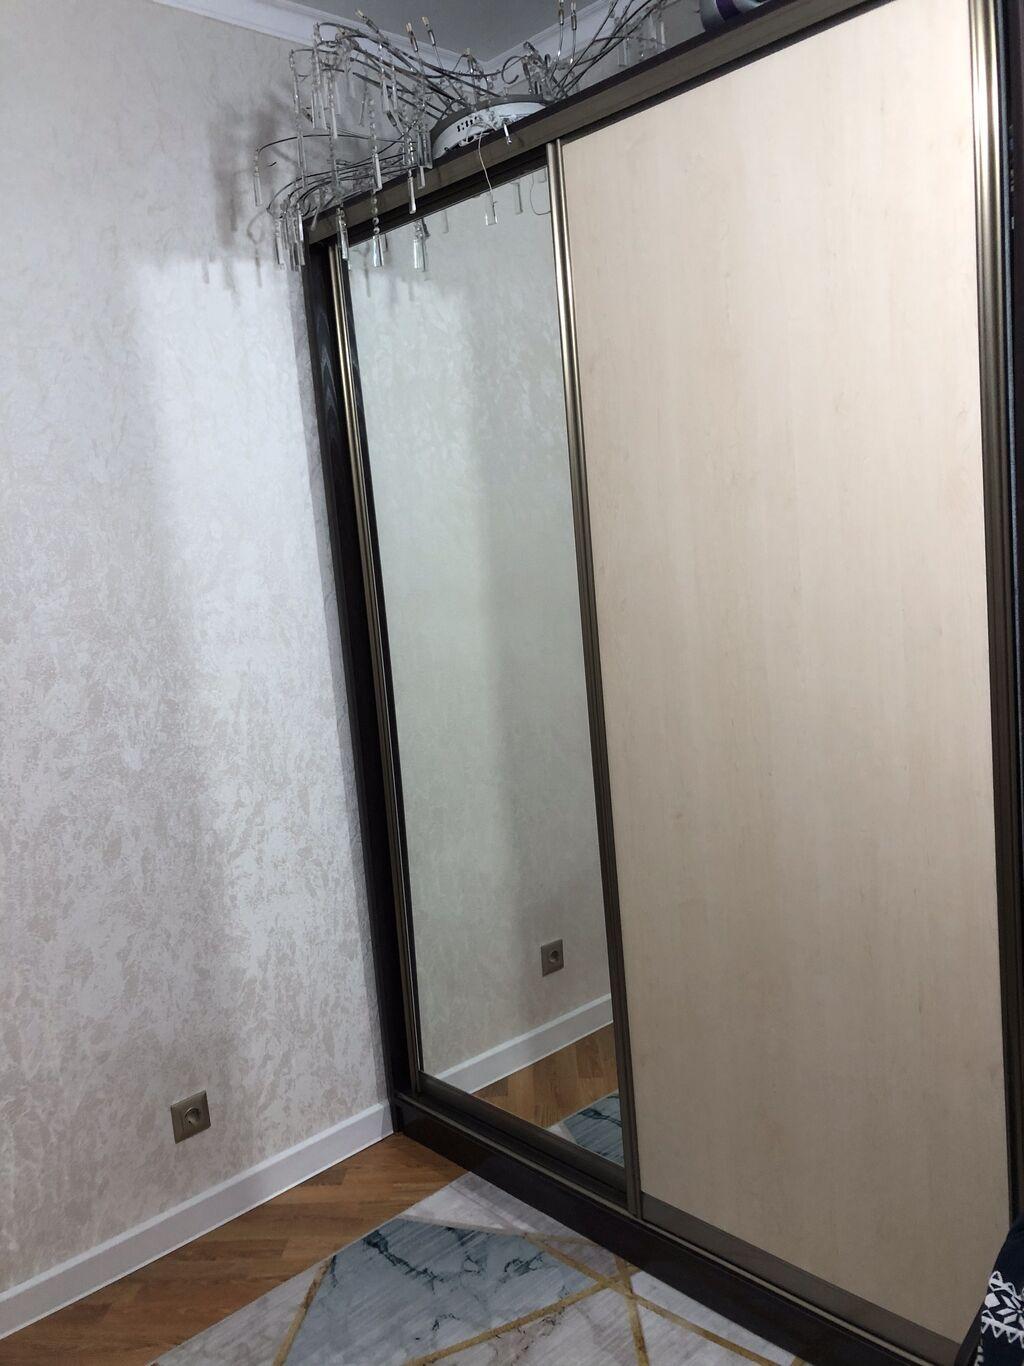 Шкаф 160 ширина, глубина 60 см, высота 220 см